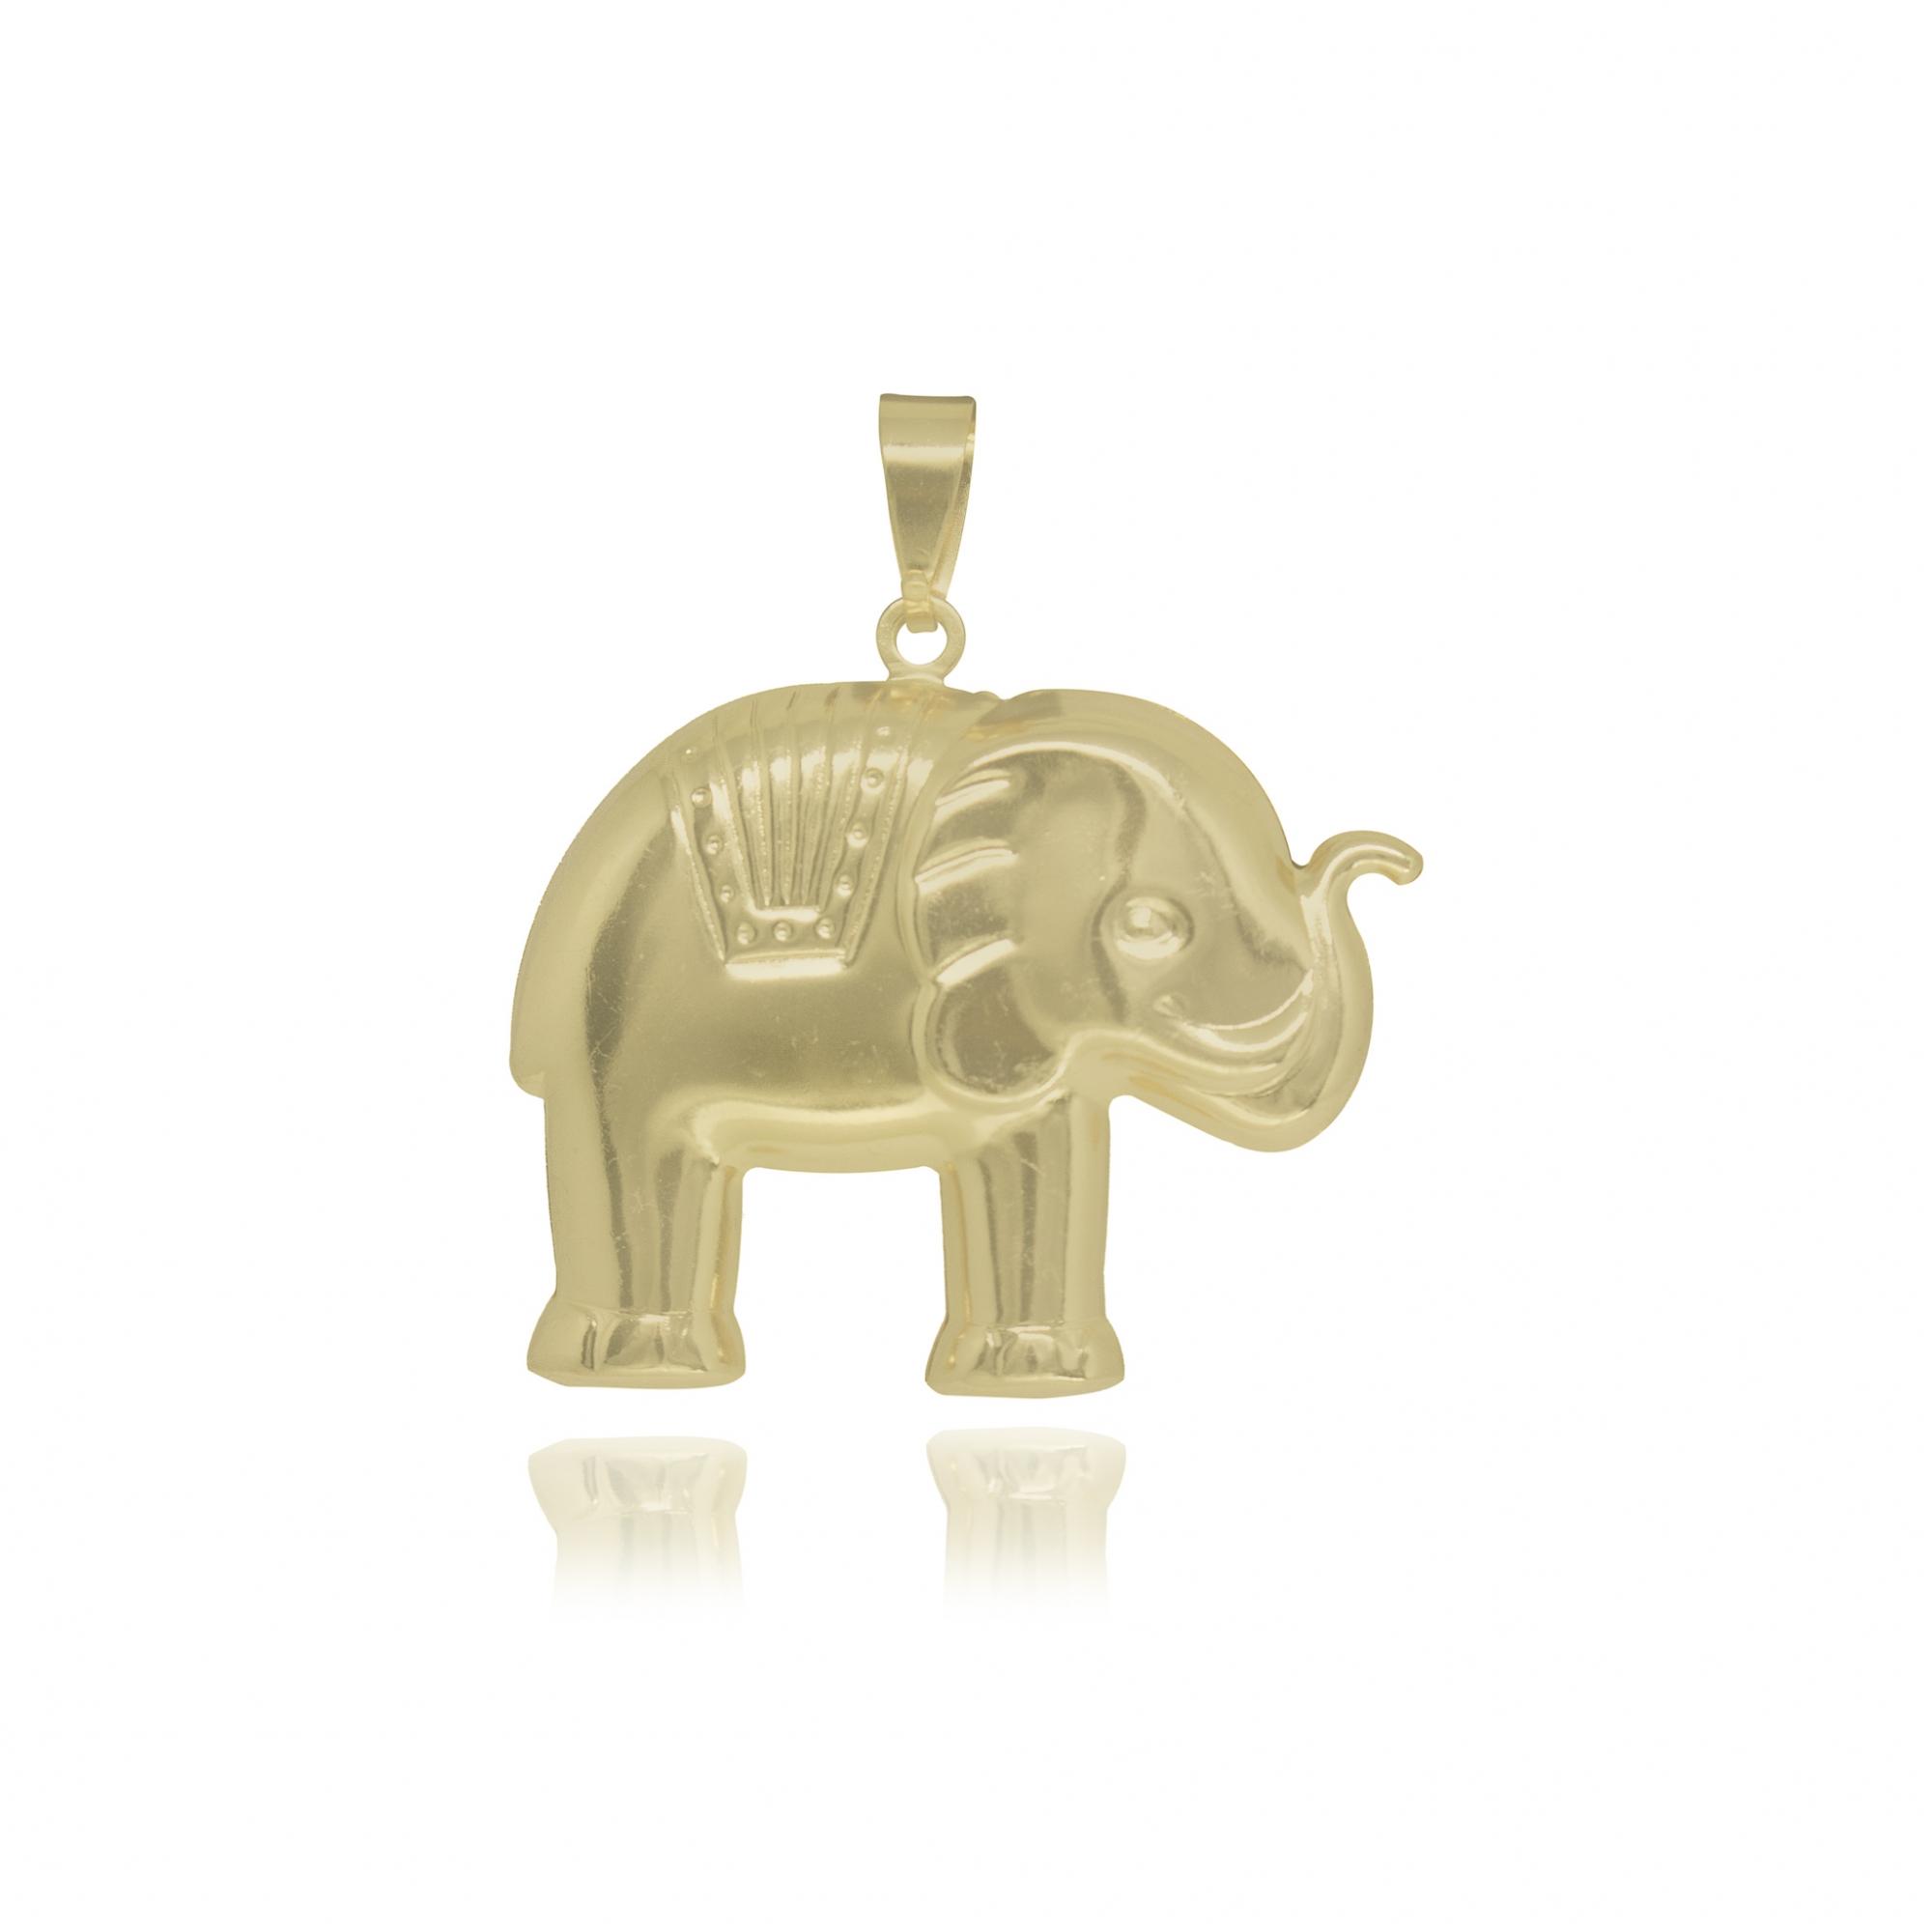 Pingente folheado a ouro ou prata e verniz Elefante P